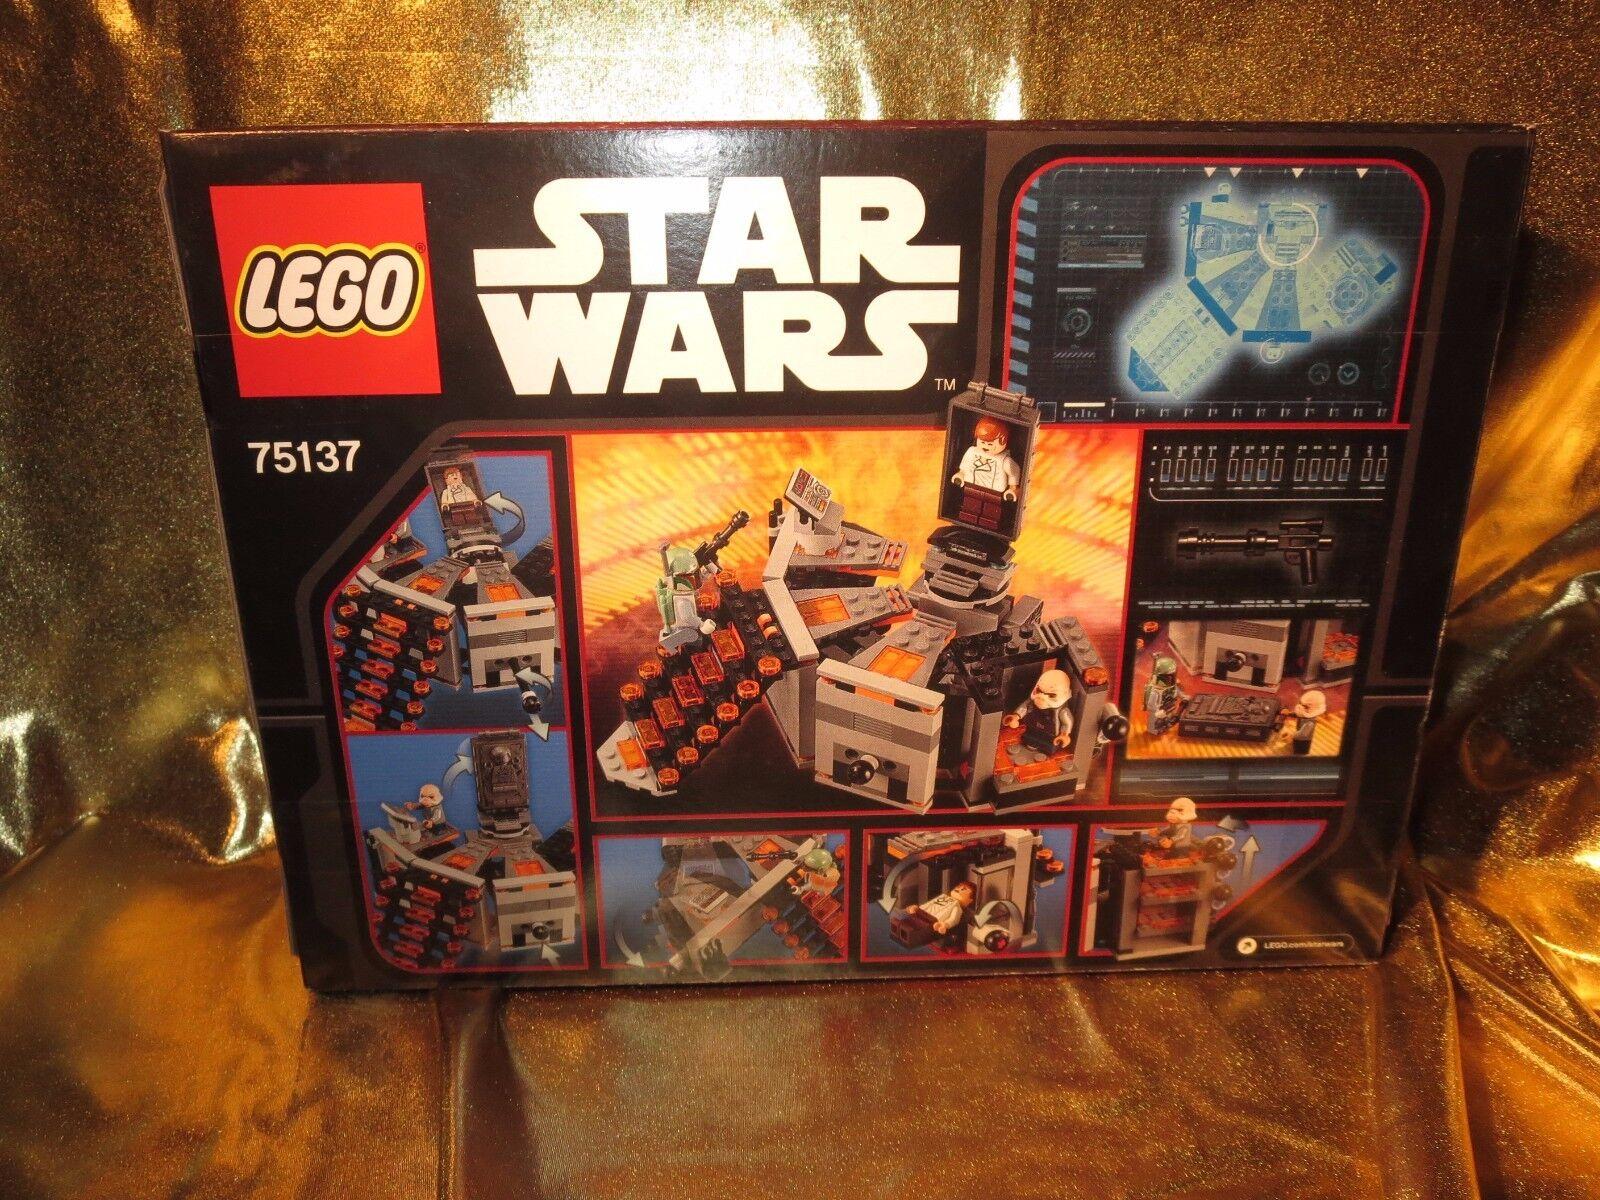 Star Wars Han Solo Carbon Einfrieren Kammer Lego 75137 Set 231 Teile Neu 75137 Lego 5af87c